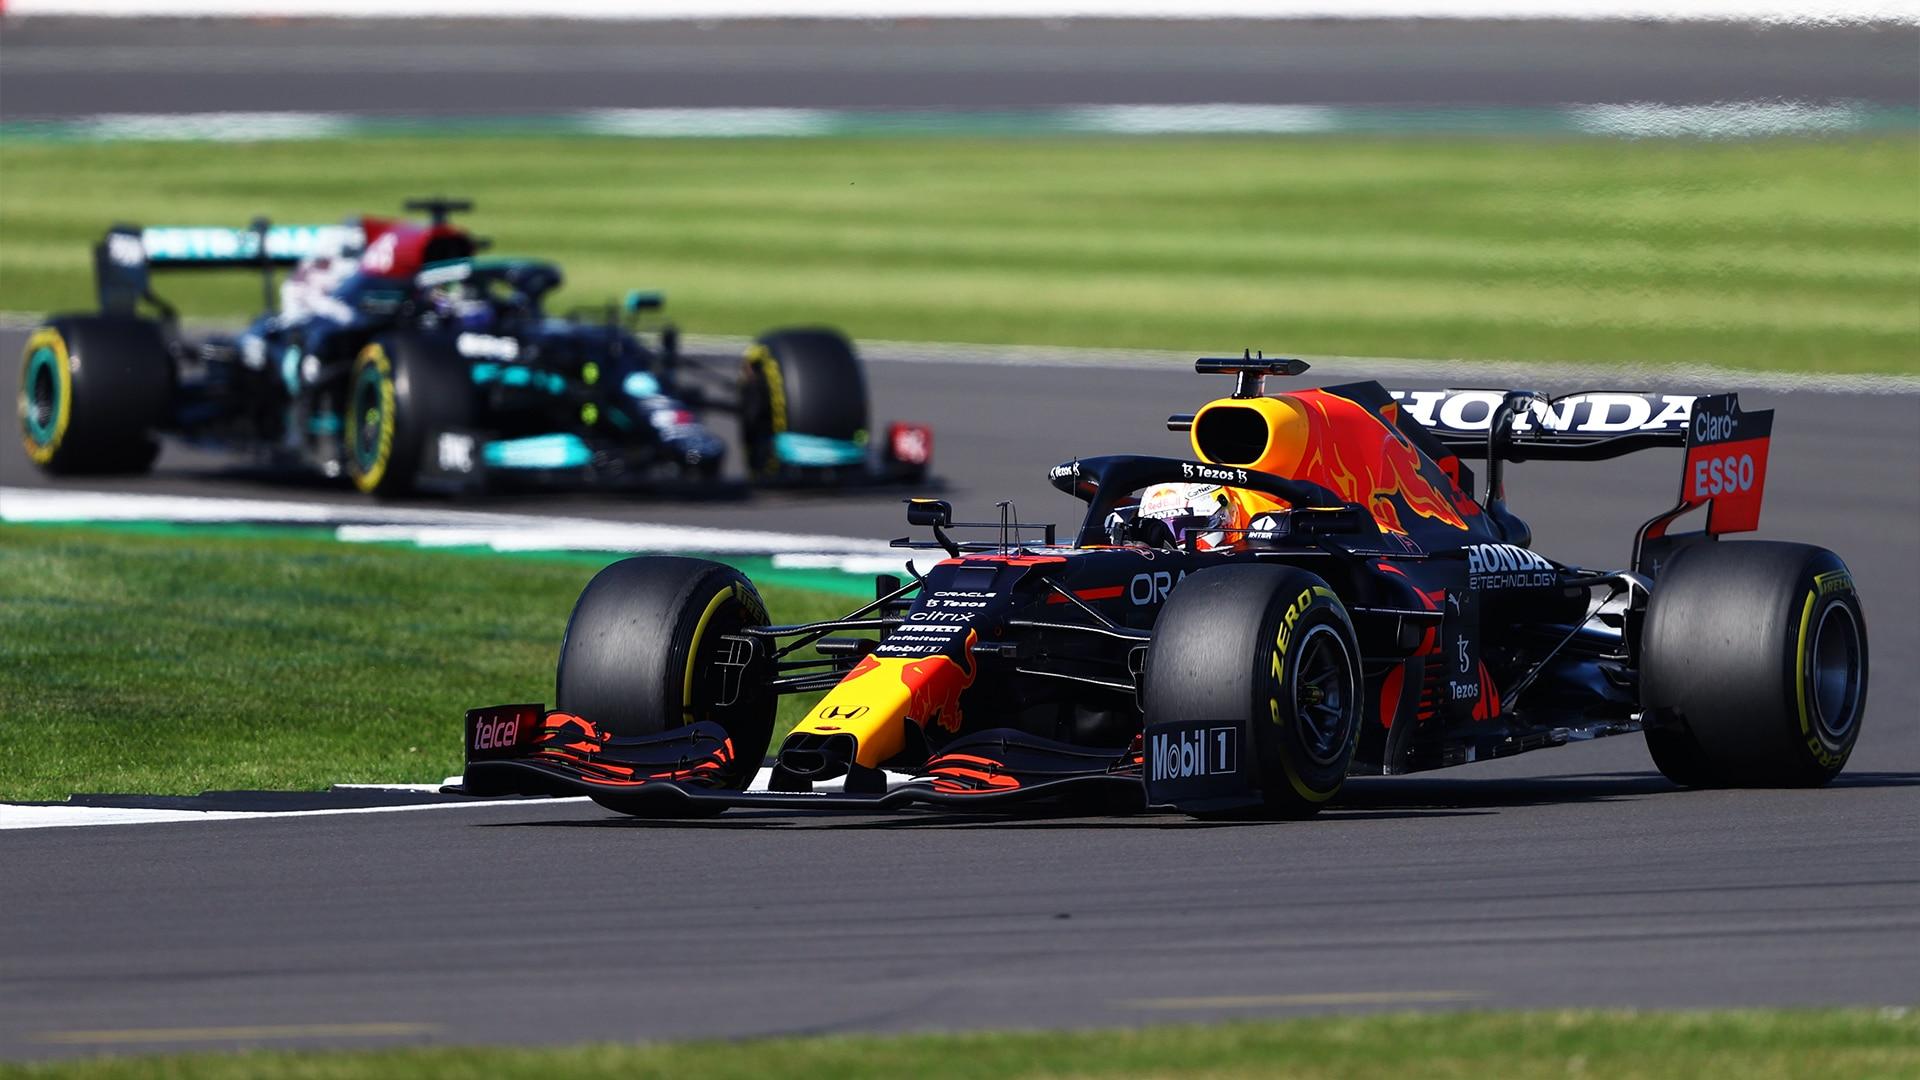 Copse, la curva polémica de la Fórmula 1